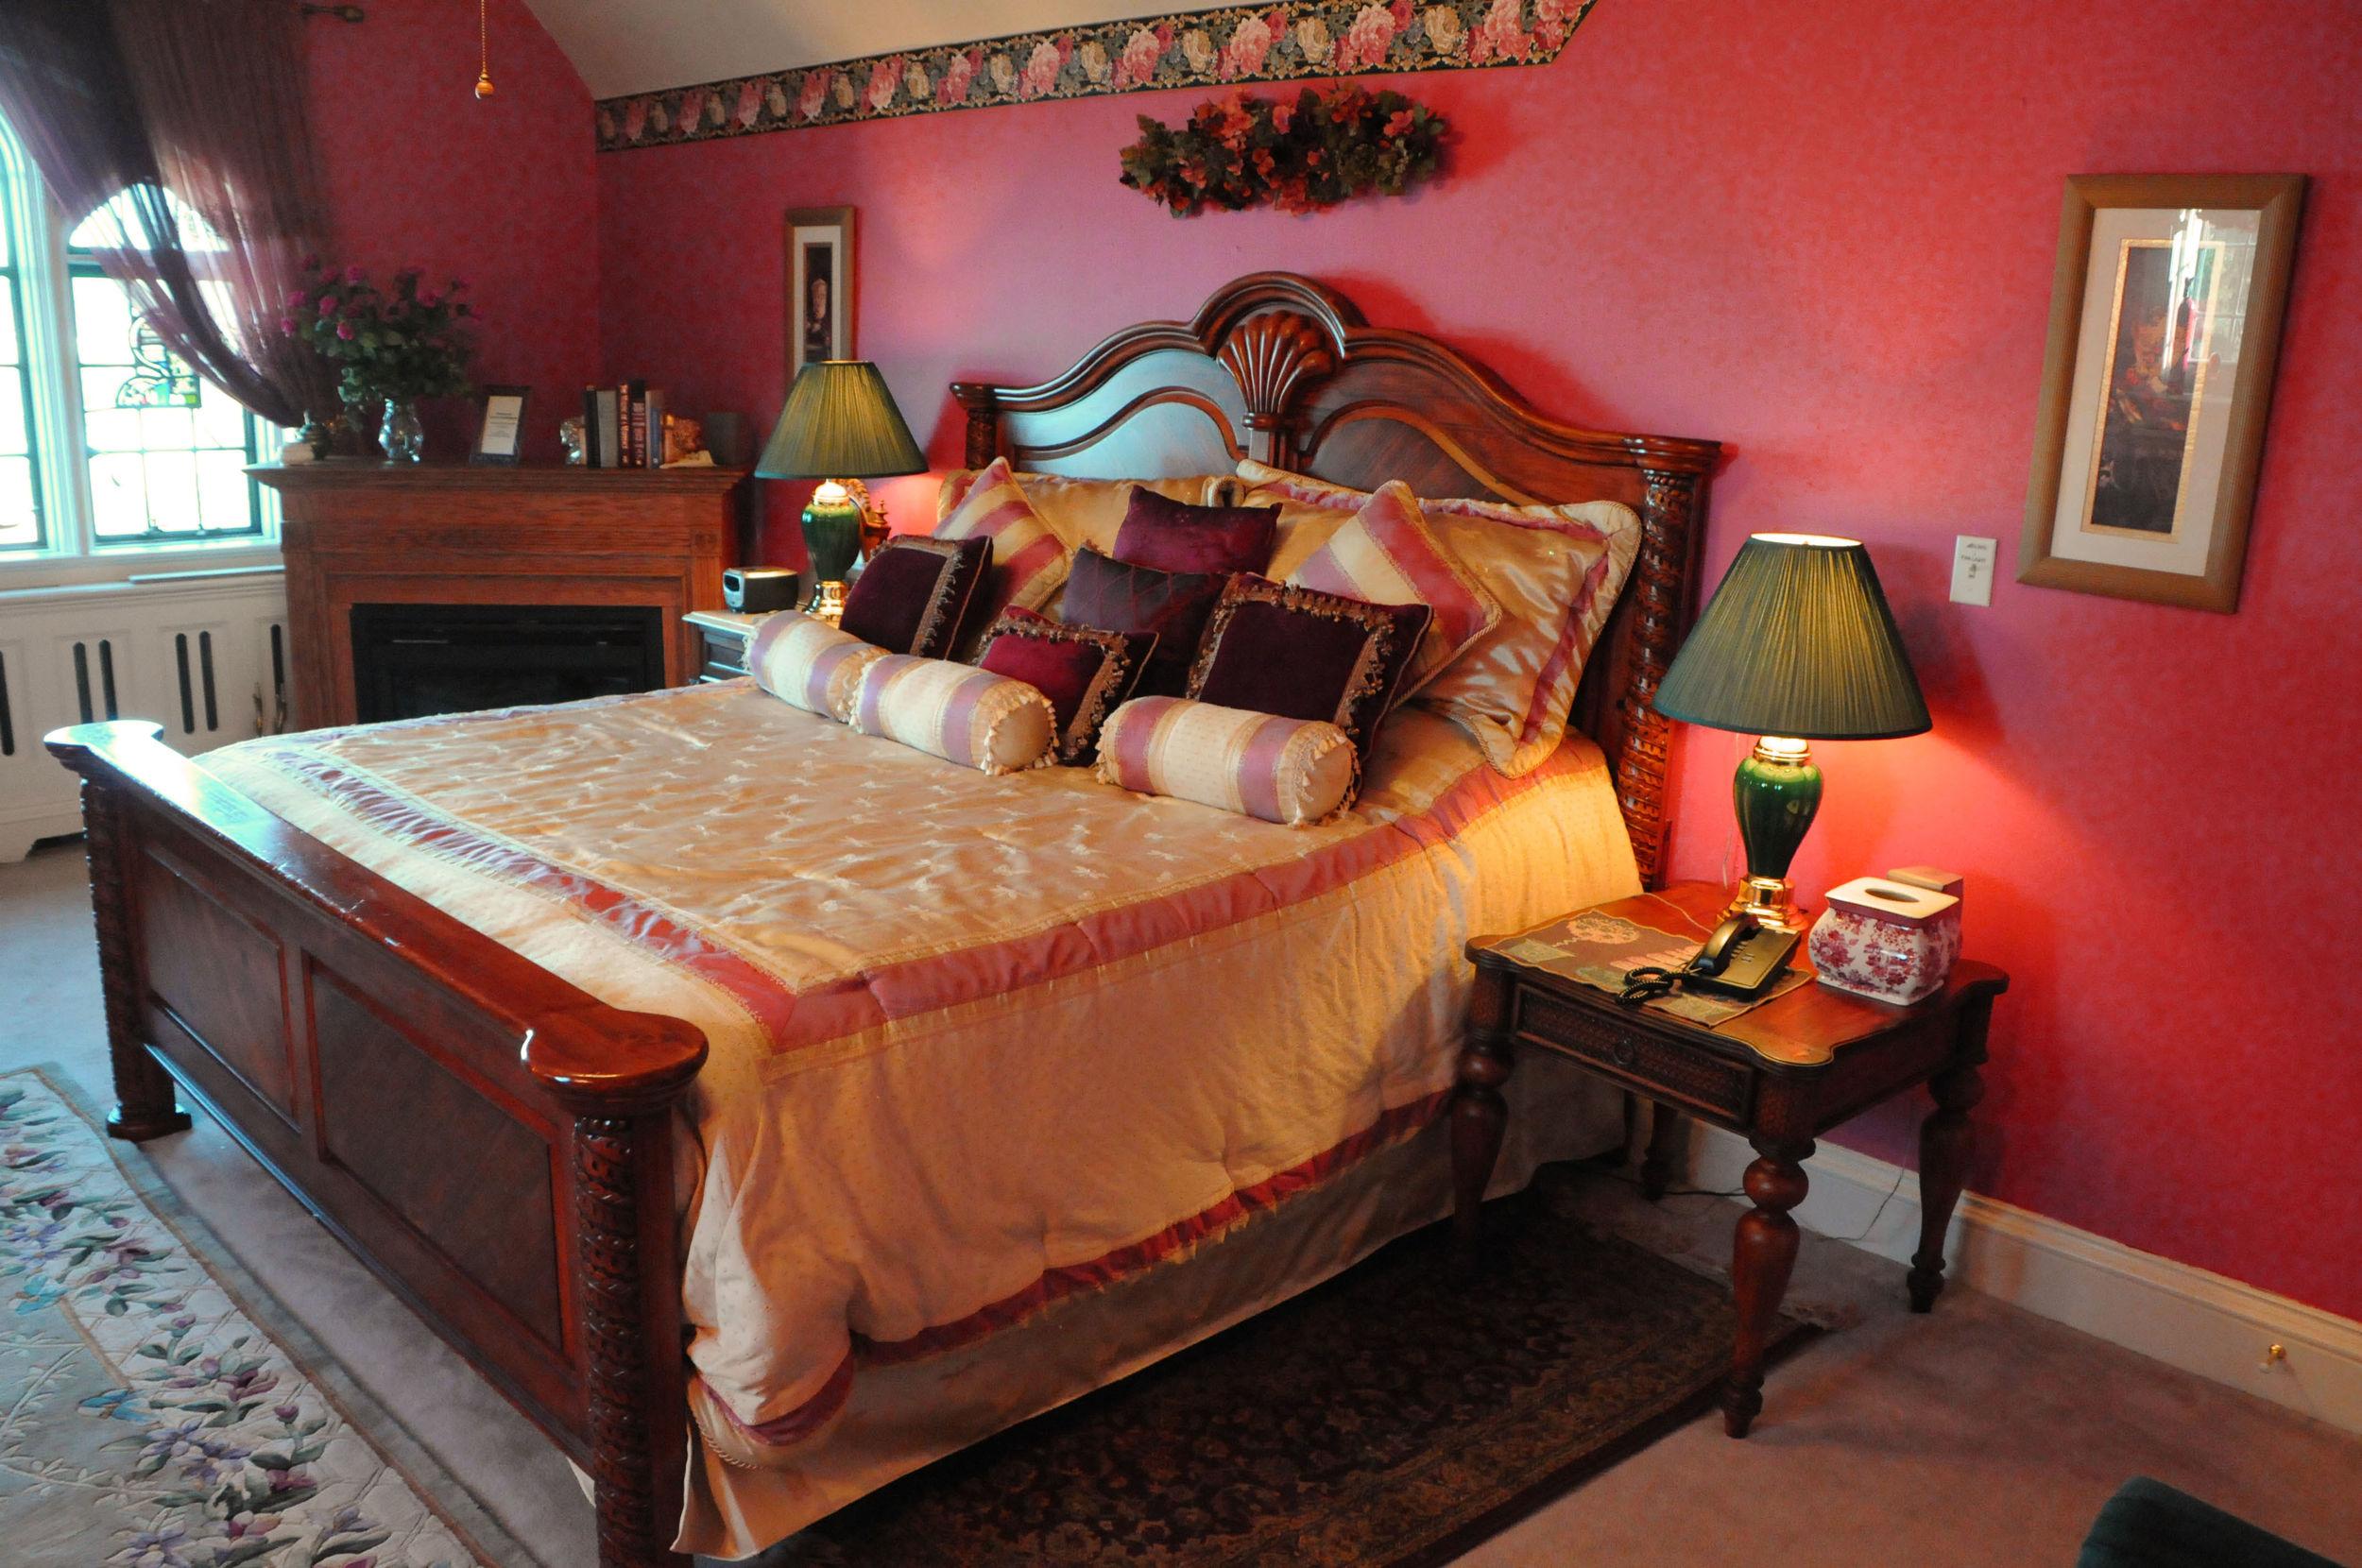 ROSE RED BED.jpg